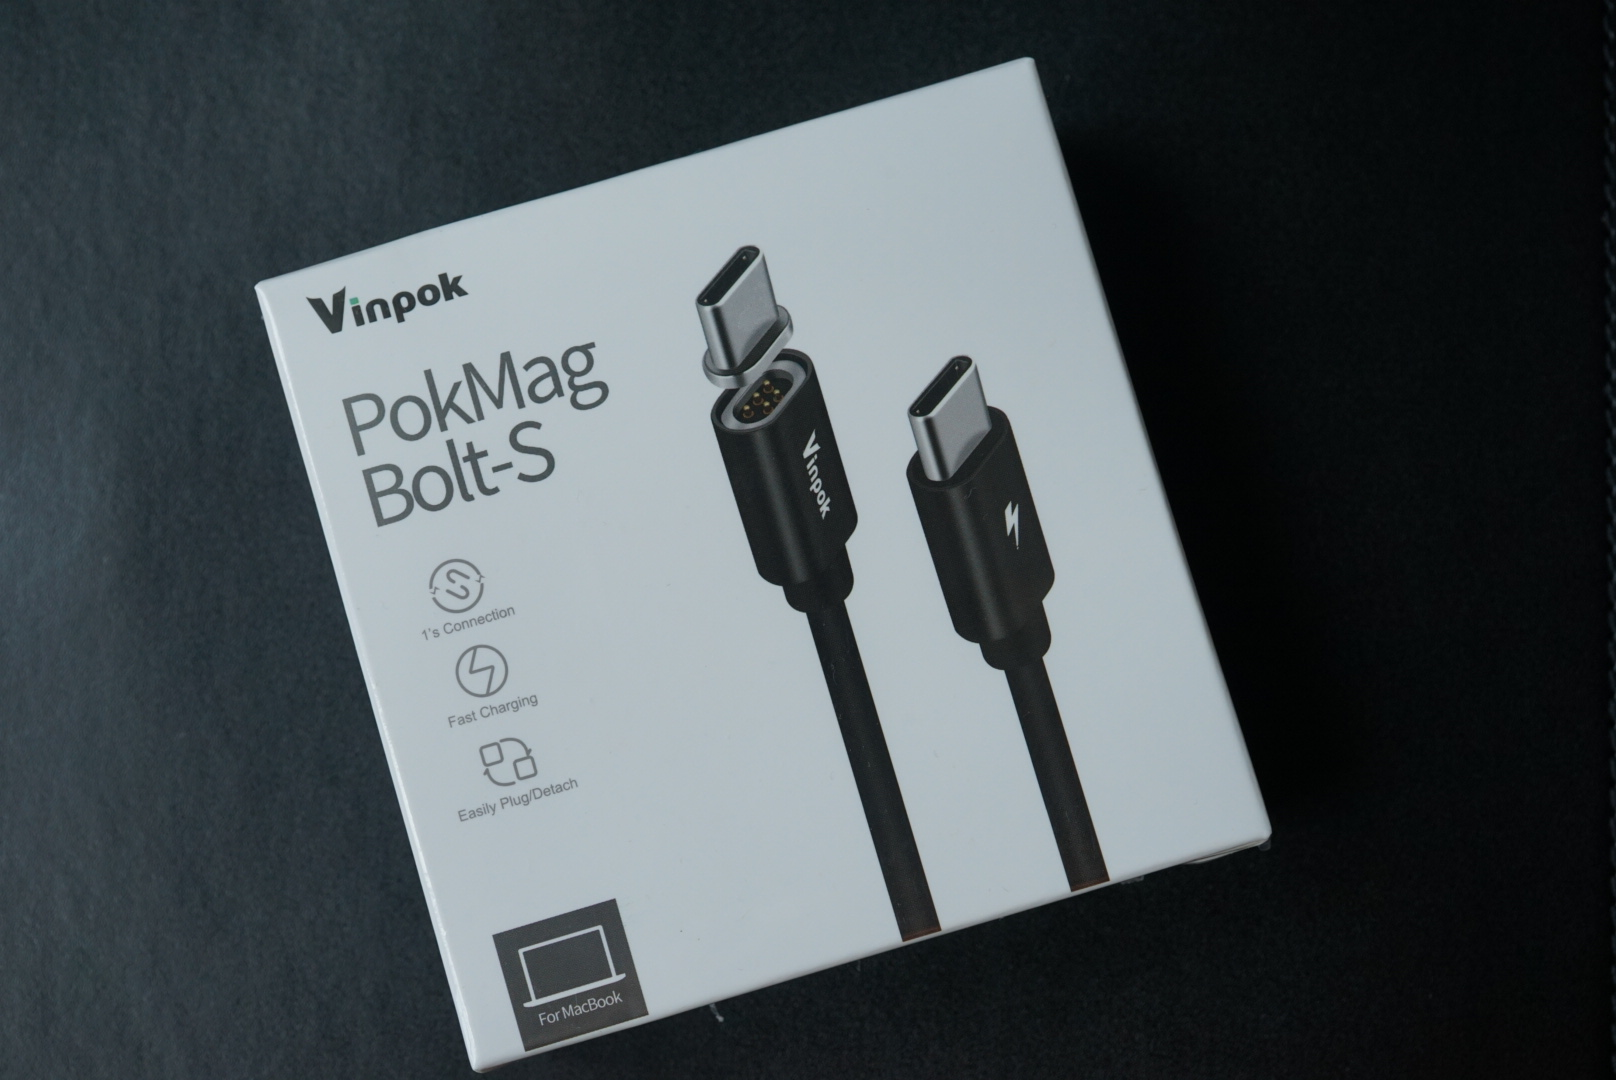 Vinpok PokMag Bolt-S 07